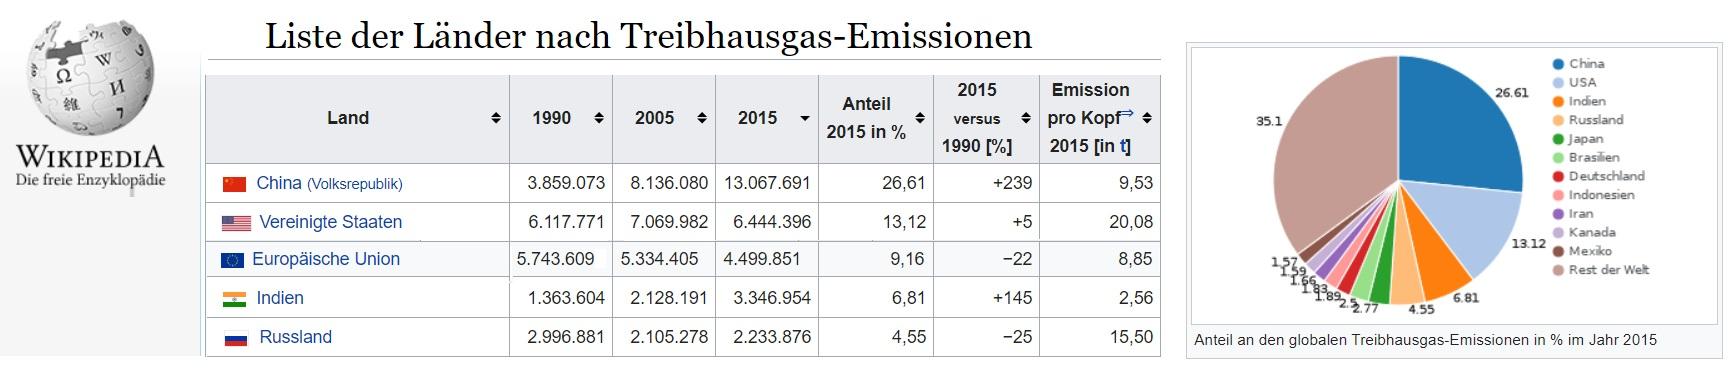 Wikipedia Treibhausgas Emissionen 2015